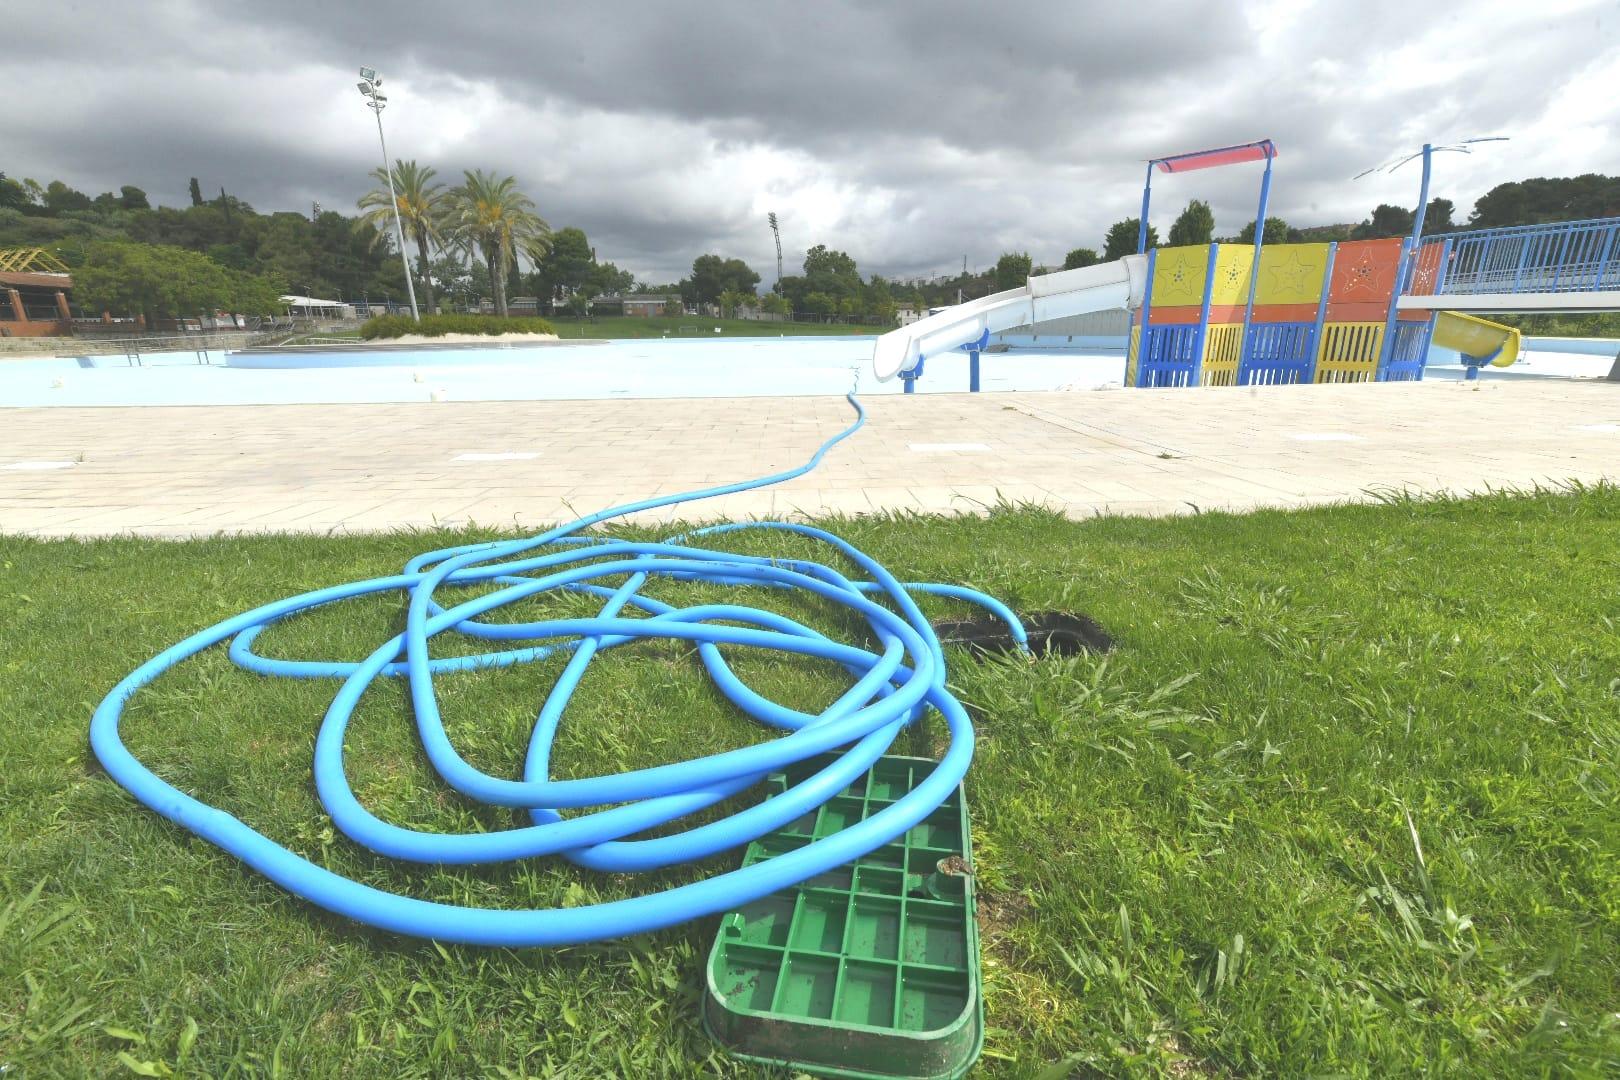 piscina municipal sabadell bassa confinament covid-19 / Lluís Franco